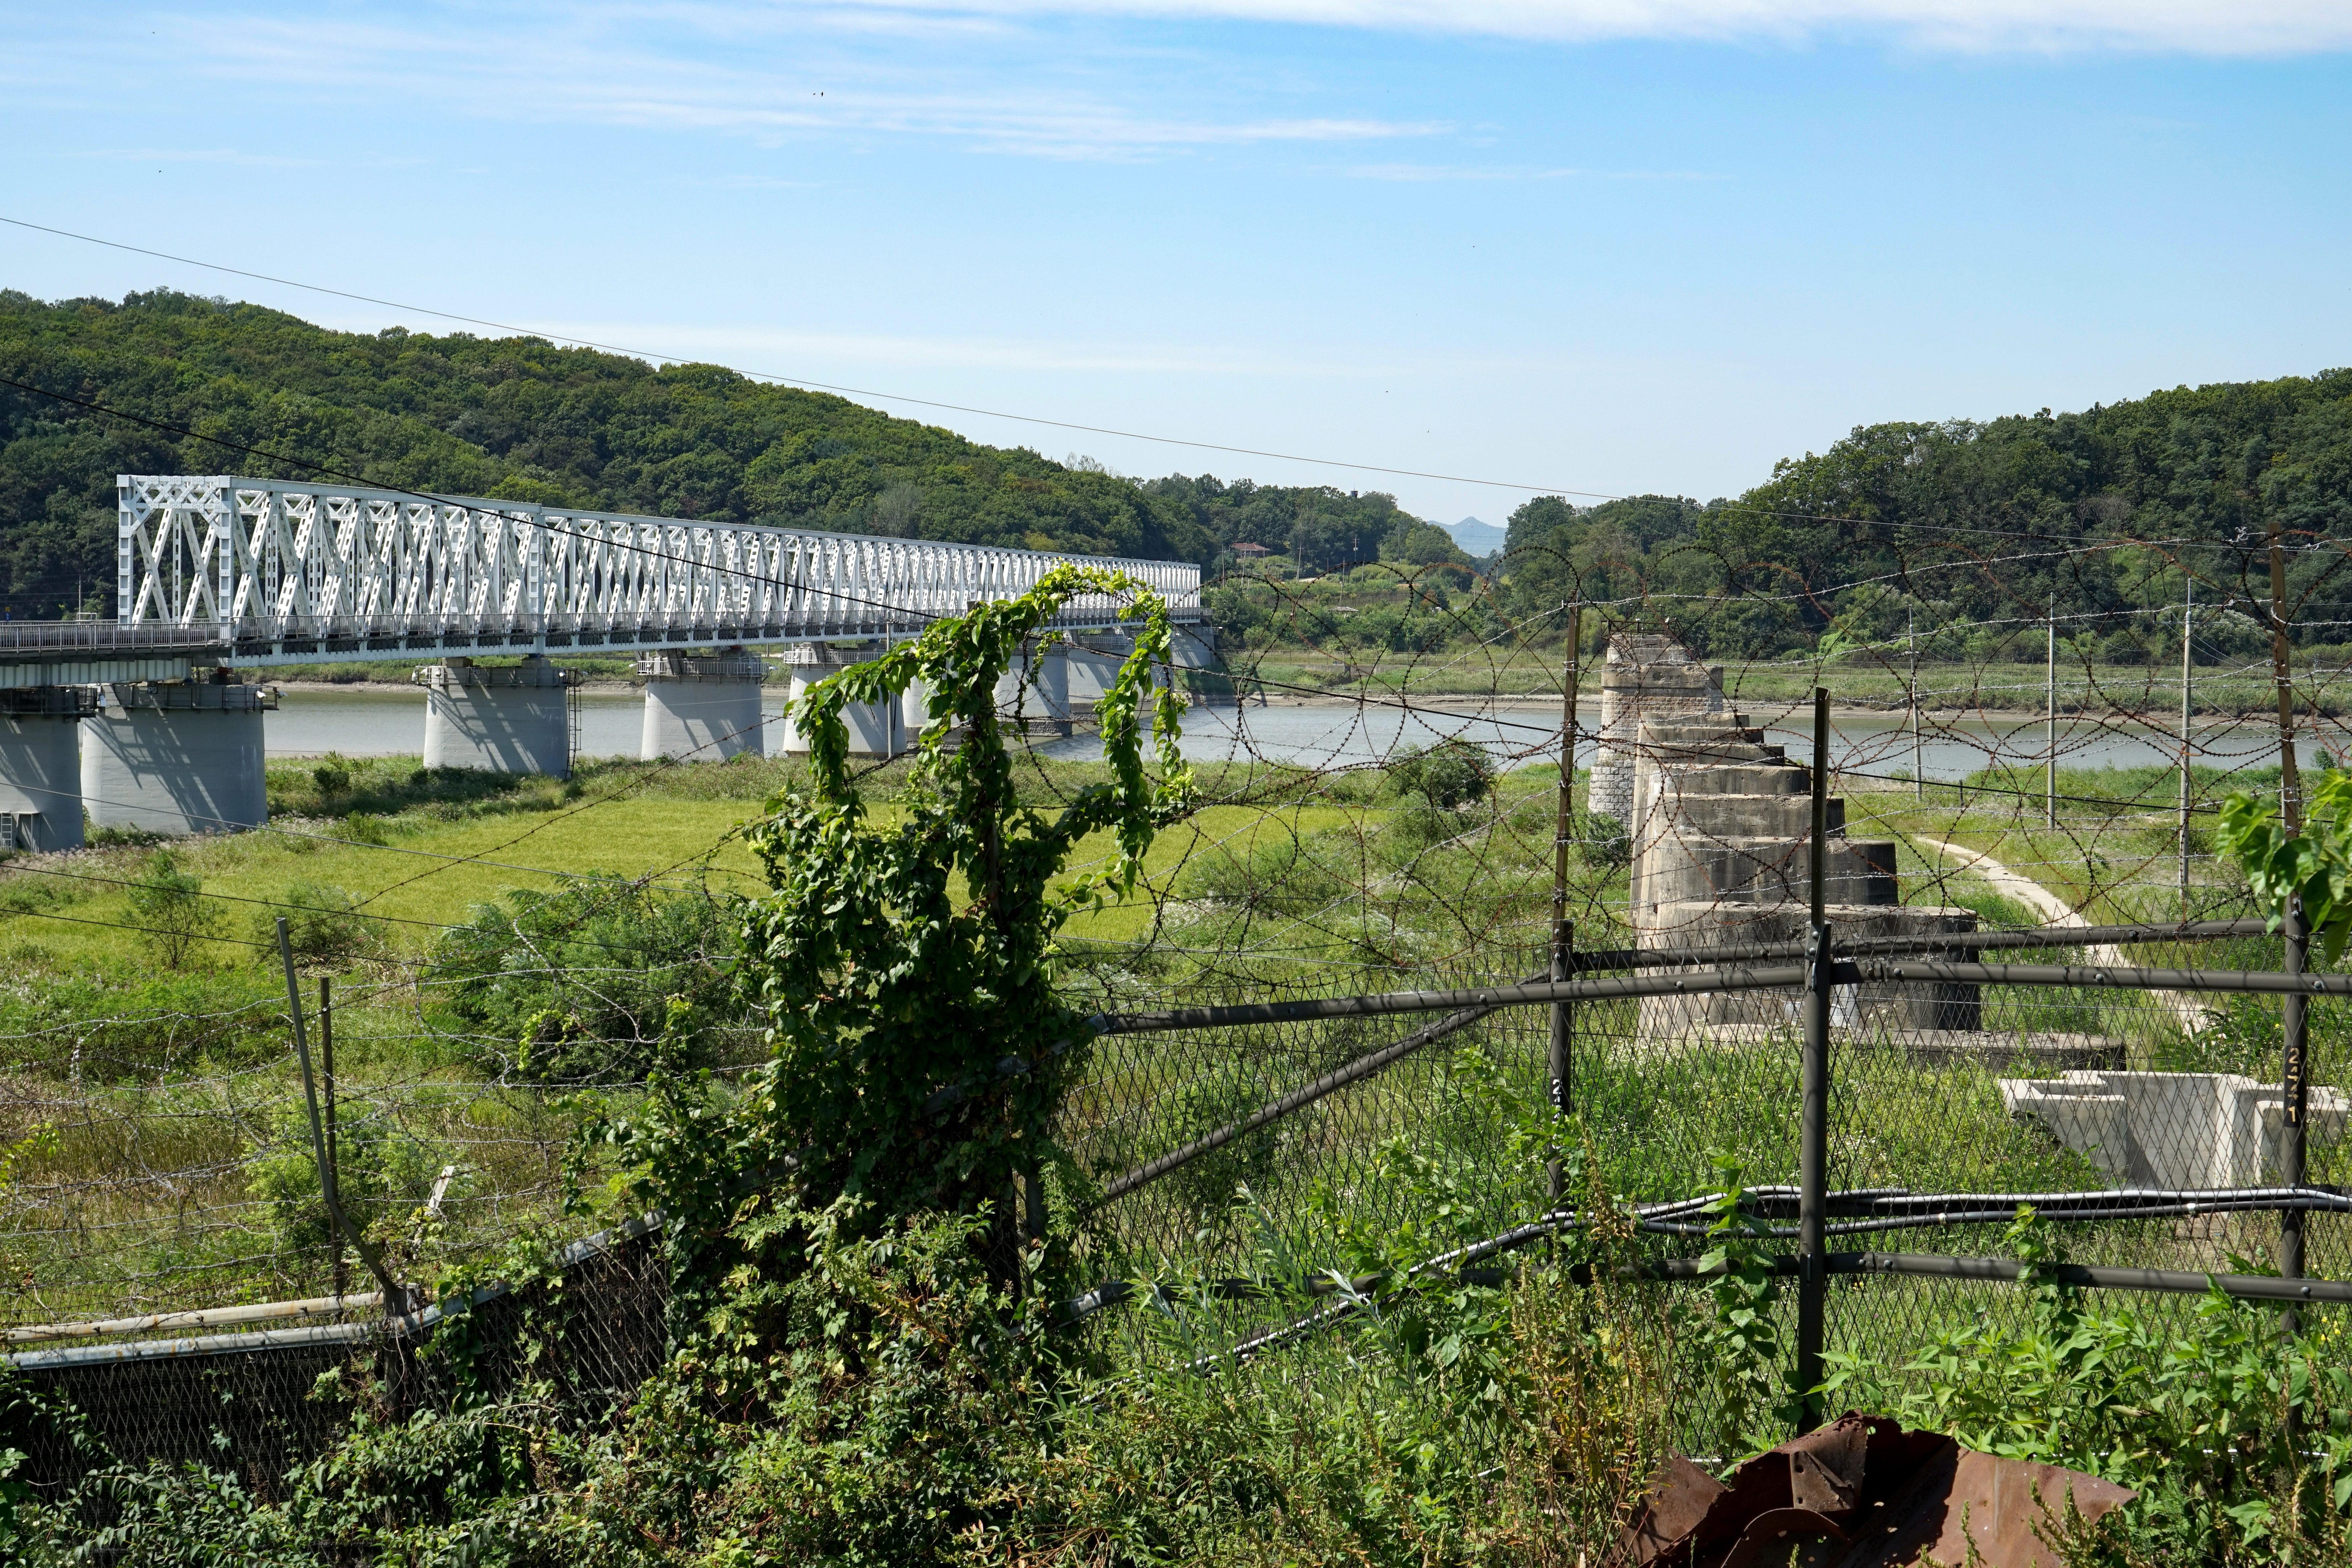 ▲▼北韓男子跨越兩韓交界的鐵柵欄,14個小時後才被南韓江原道高城郡部隊發現。(圖/達志影像/美聯社)